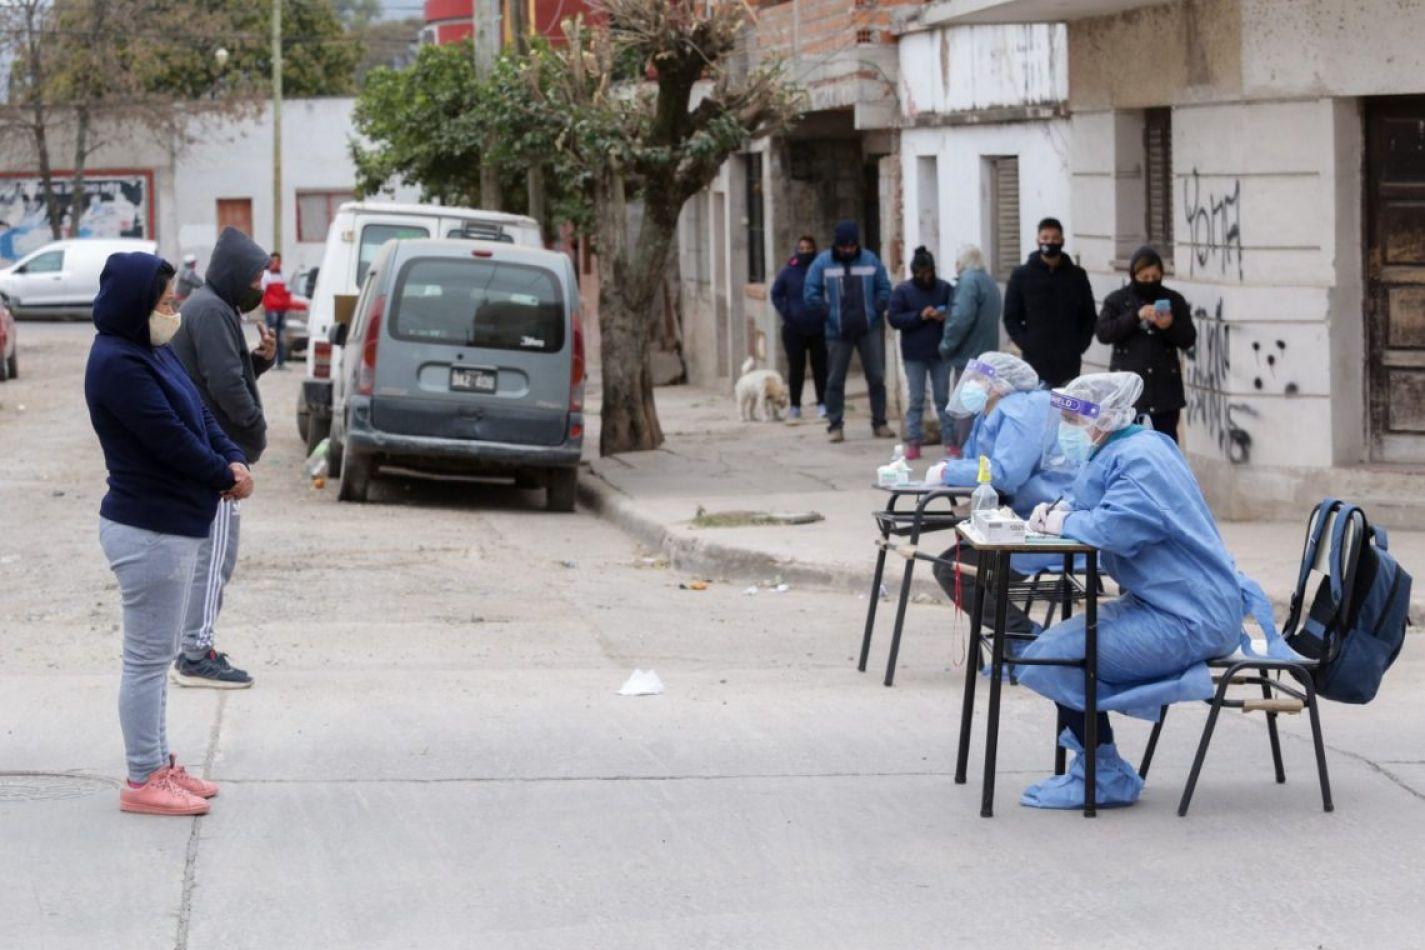 Se produjeron 3 muertes por covid 19 y Jujuy ya alcanzó las 900 víctimas fatales